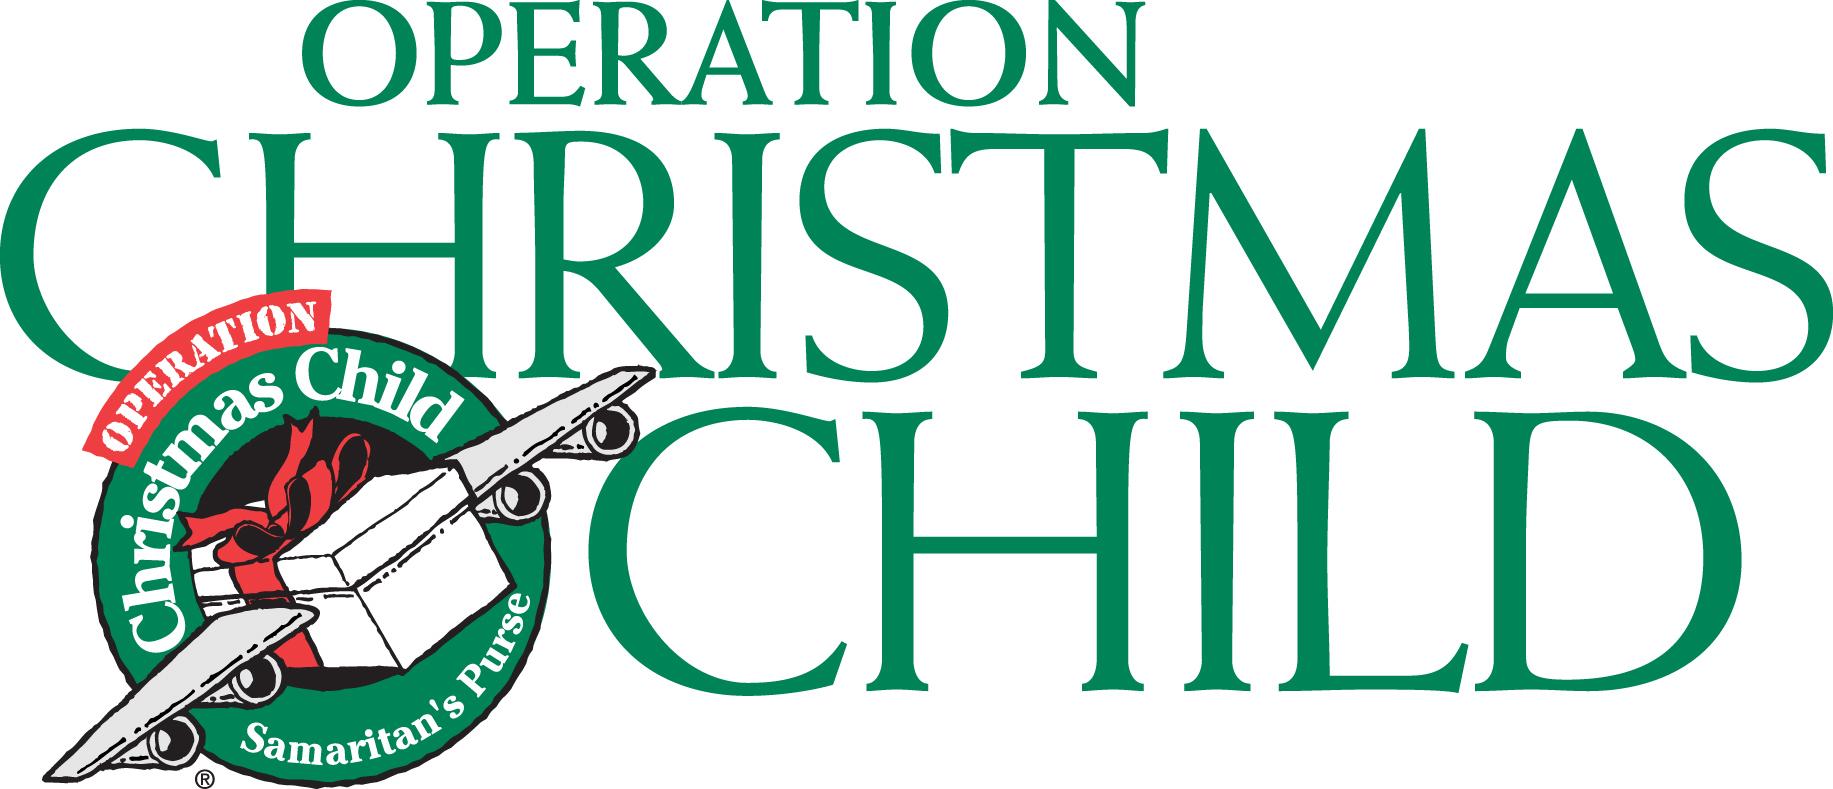 operationchristmaschildlogo